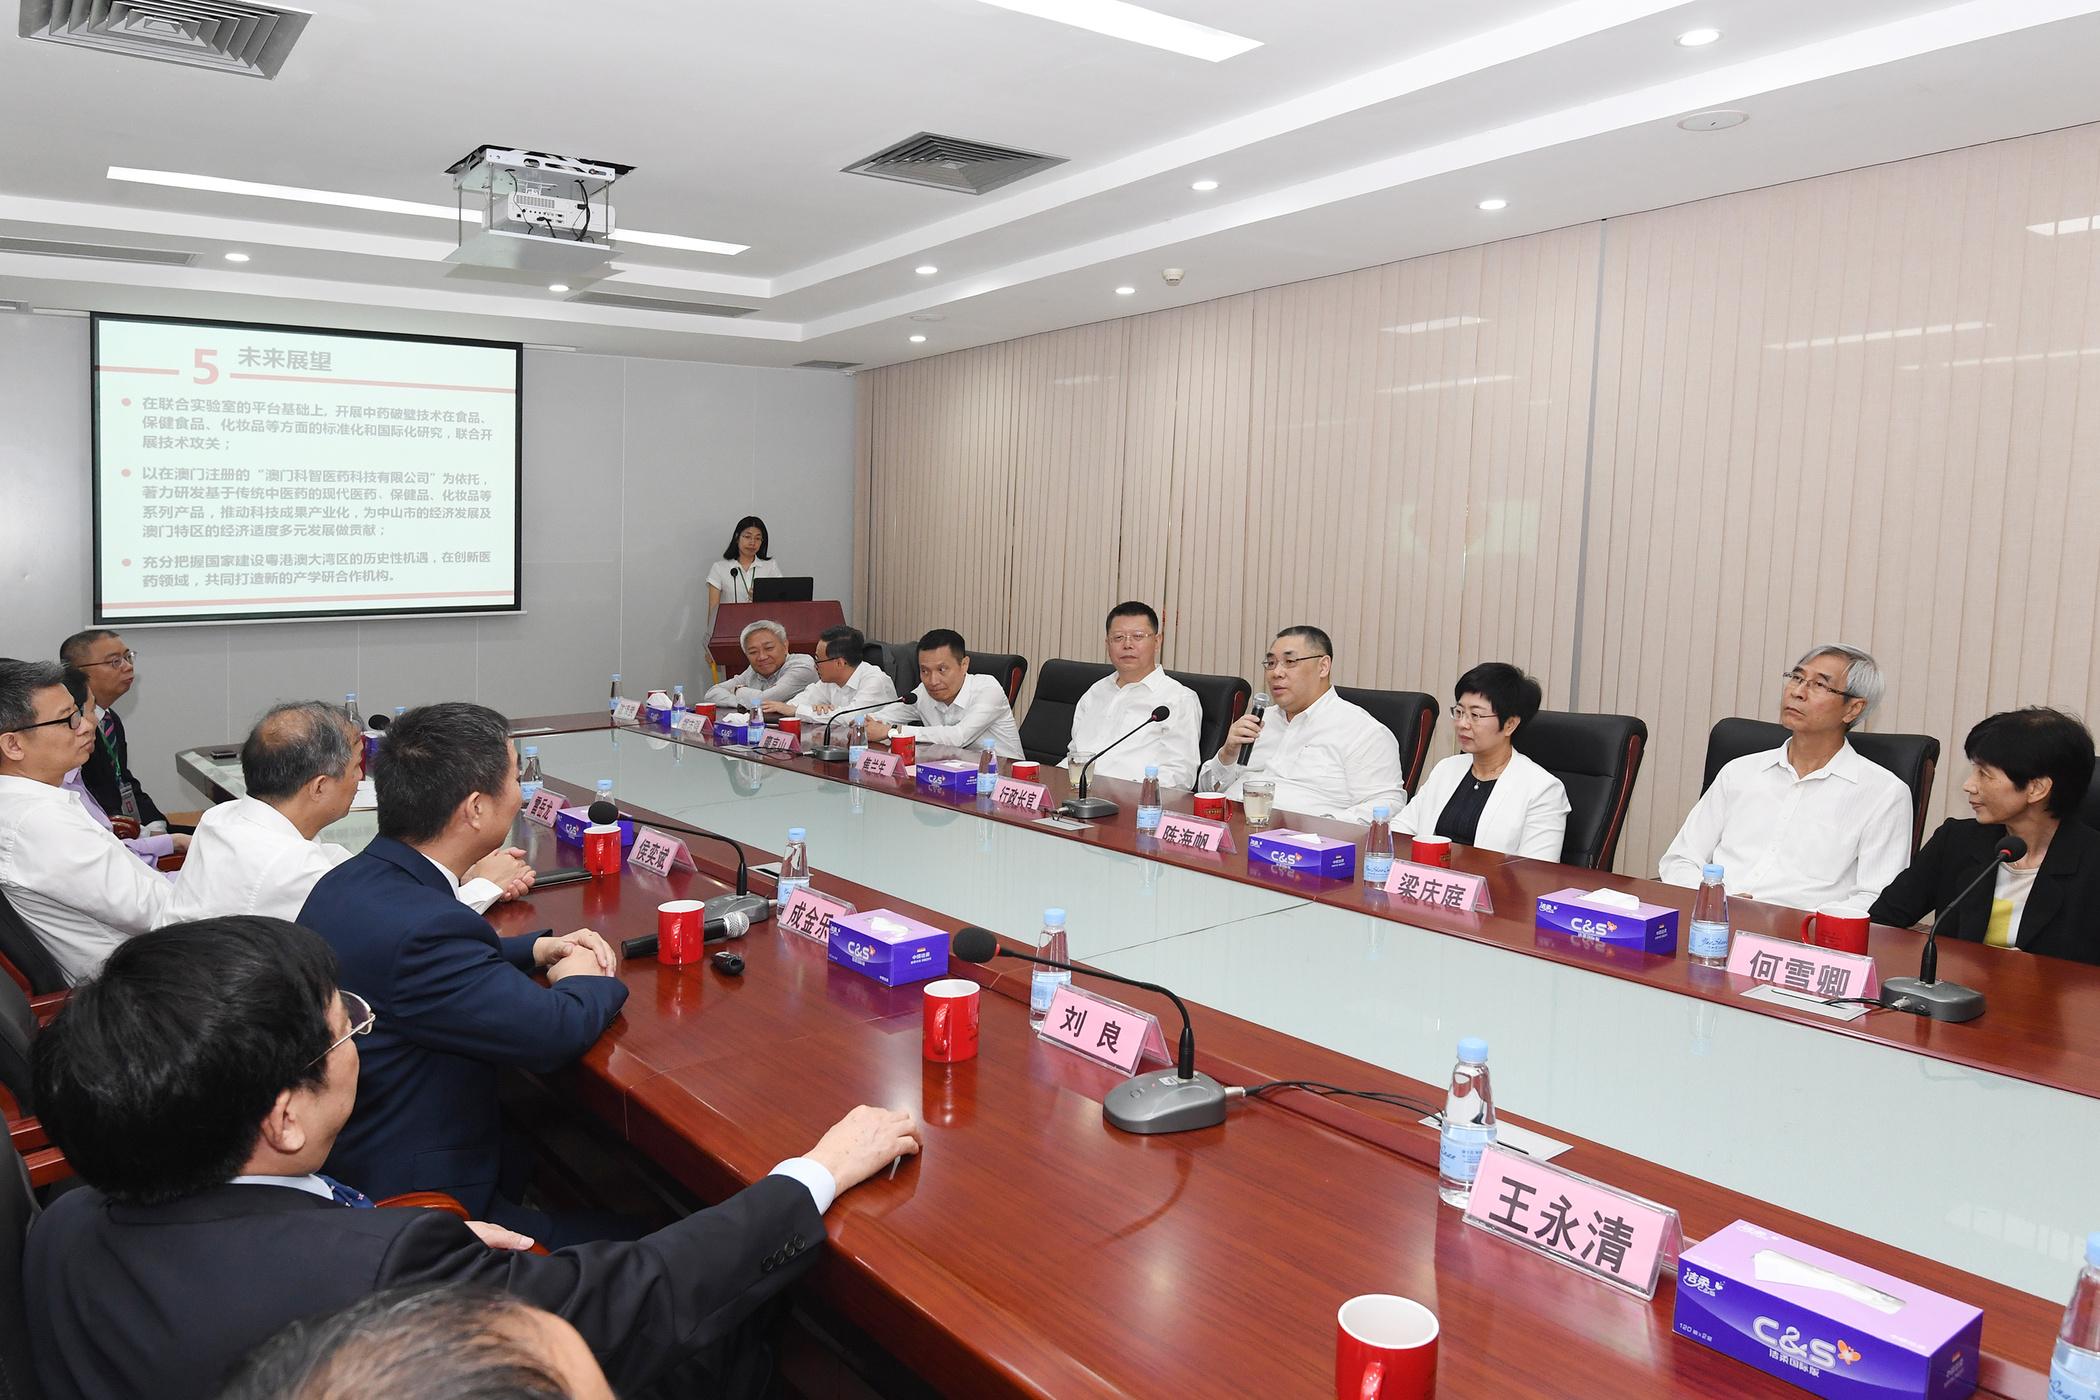 Visita Chui Sai On | Cooperação com Zhongshan aposta na medicina